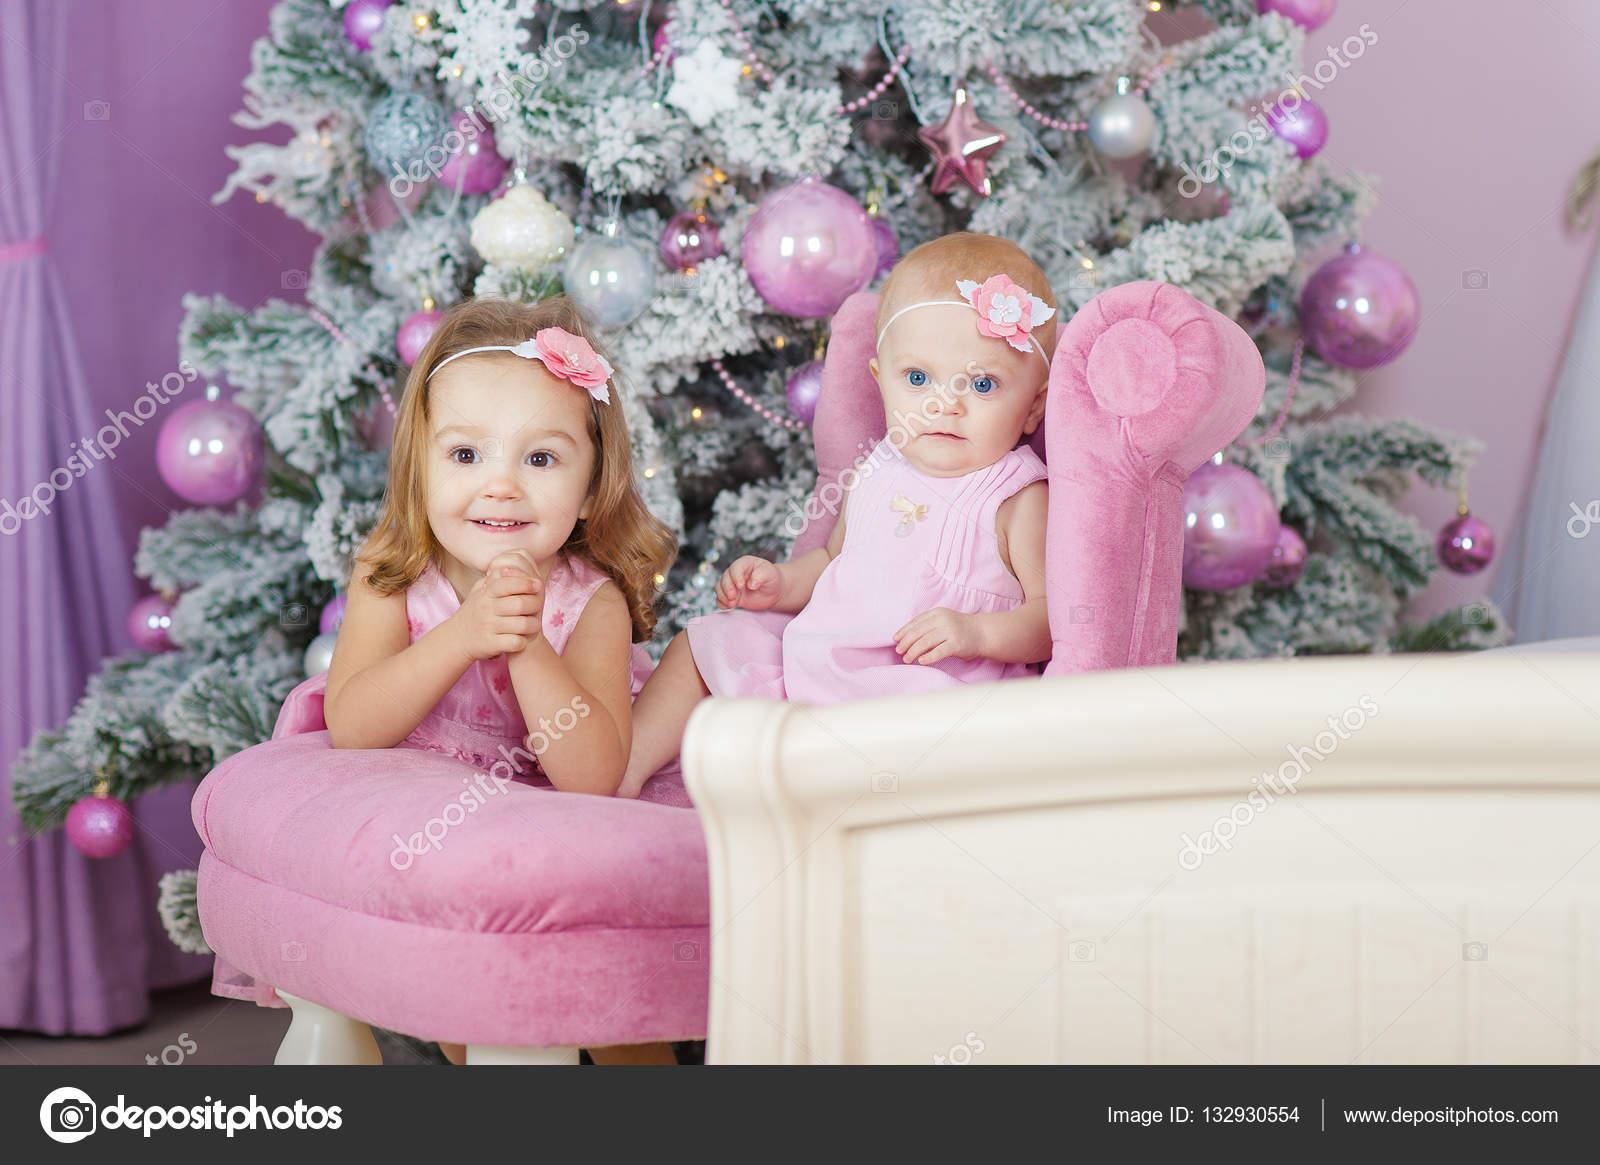 913f6dbcc3c Δύο αδελφές στο σπίτι με το χριστουγεννιάτικο δέντρο. Πορτρέτο του  ευτυχισμένα παιδιά κορίτσια διακοσμήσεις– εικόνα αρχείου